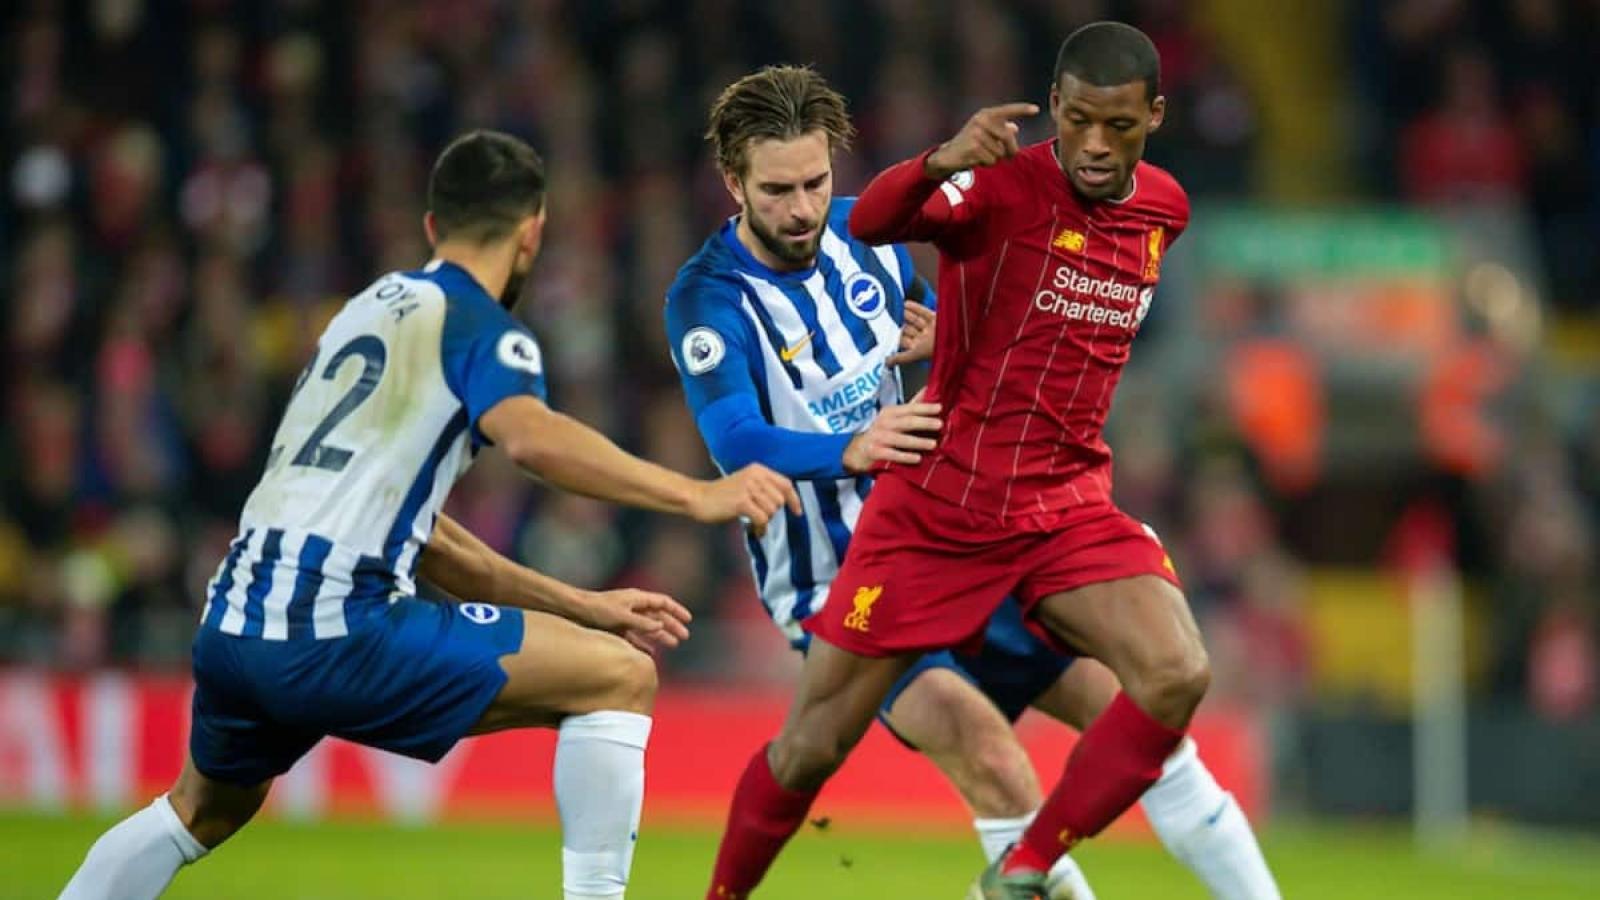 Lịch thi đấu bóng đá hôm nay (28/11): Liverpool trở lại ngôi đầu Ngoại hạng Anh?